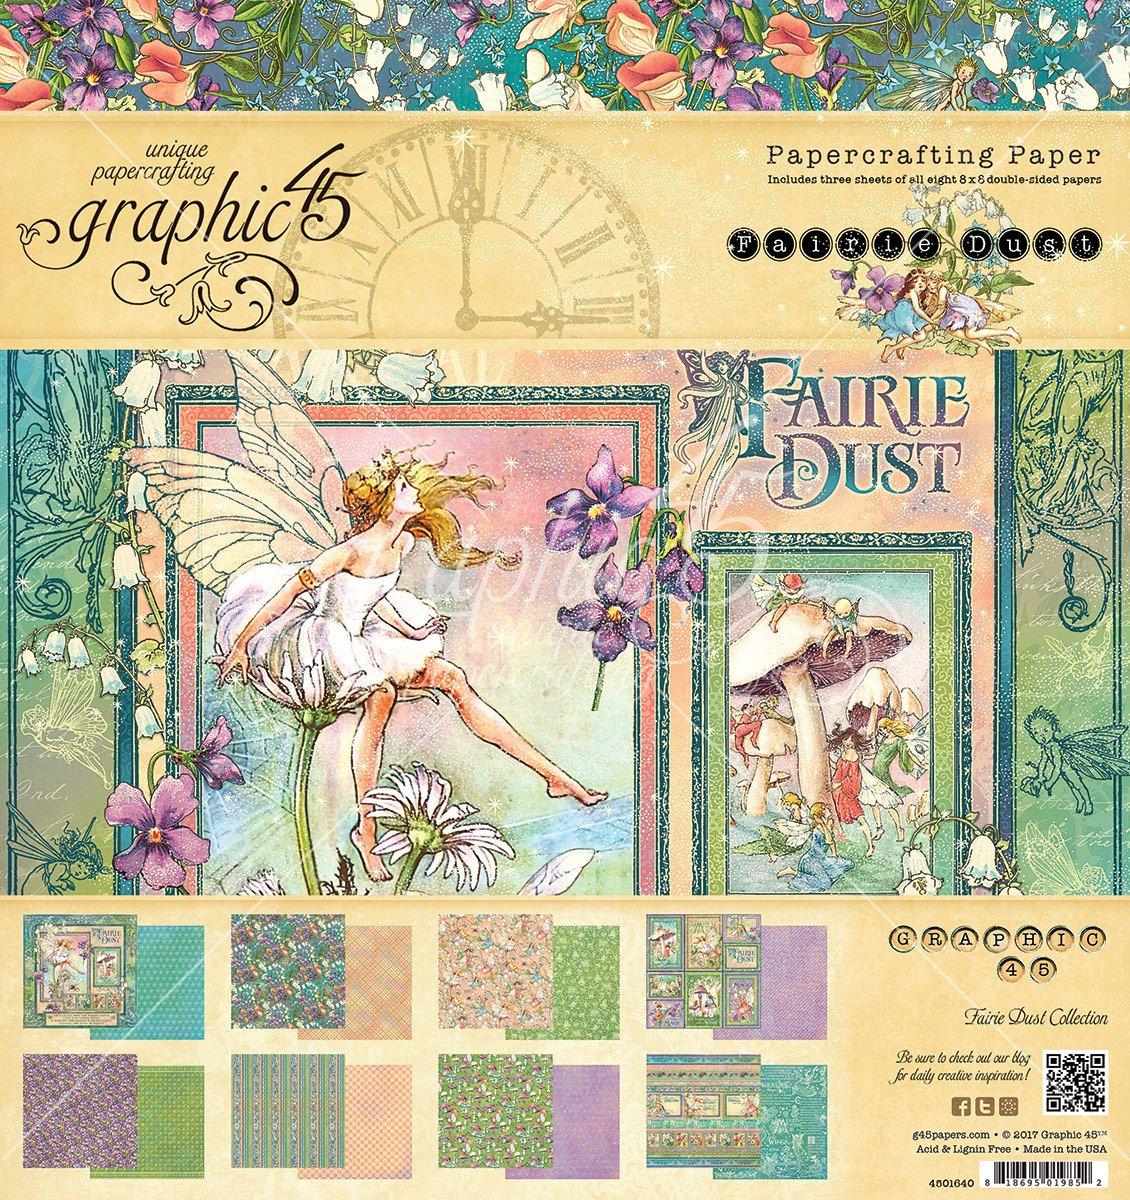 Fairie Dust 8x8 Pad